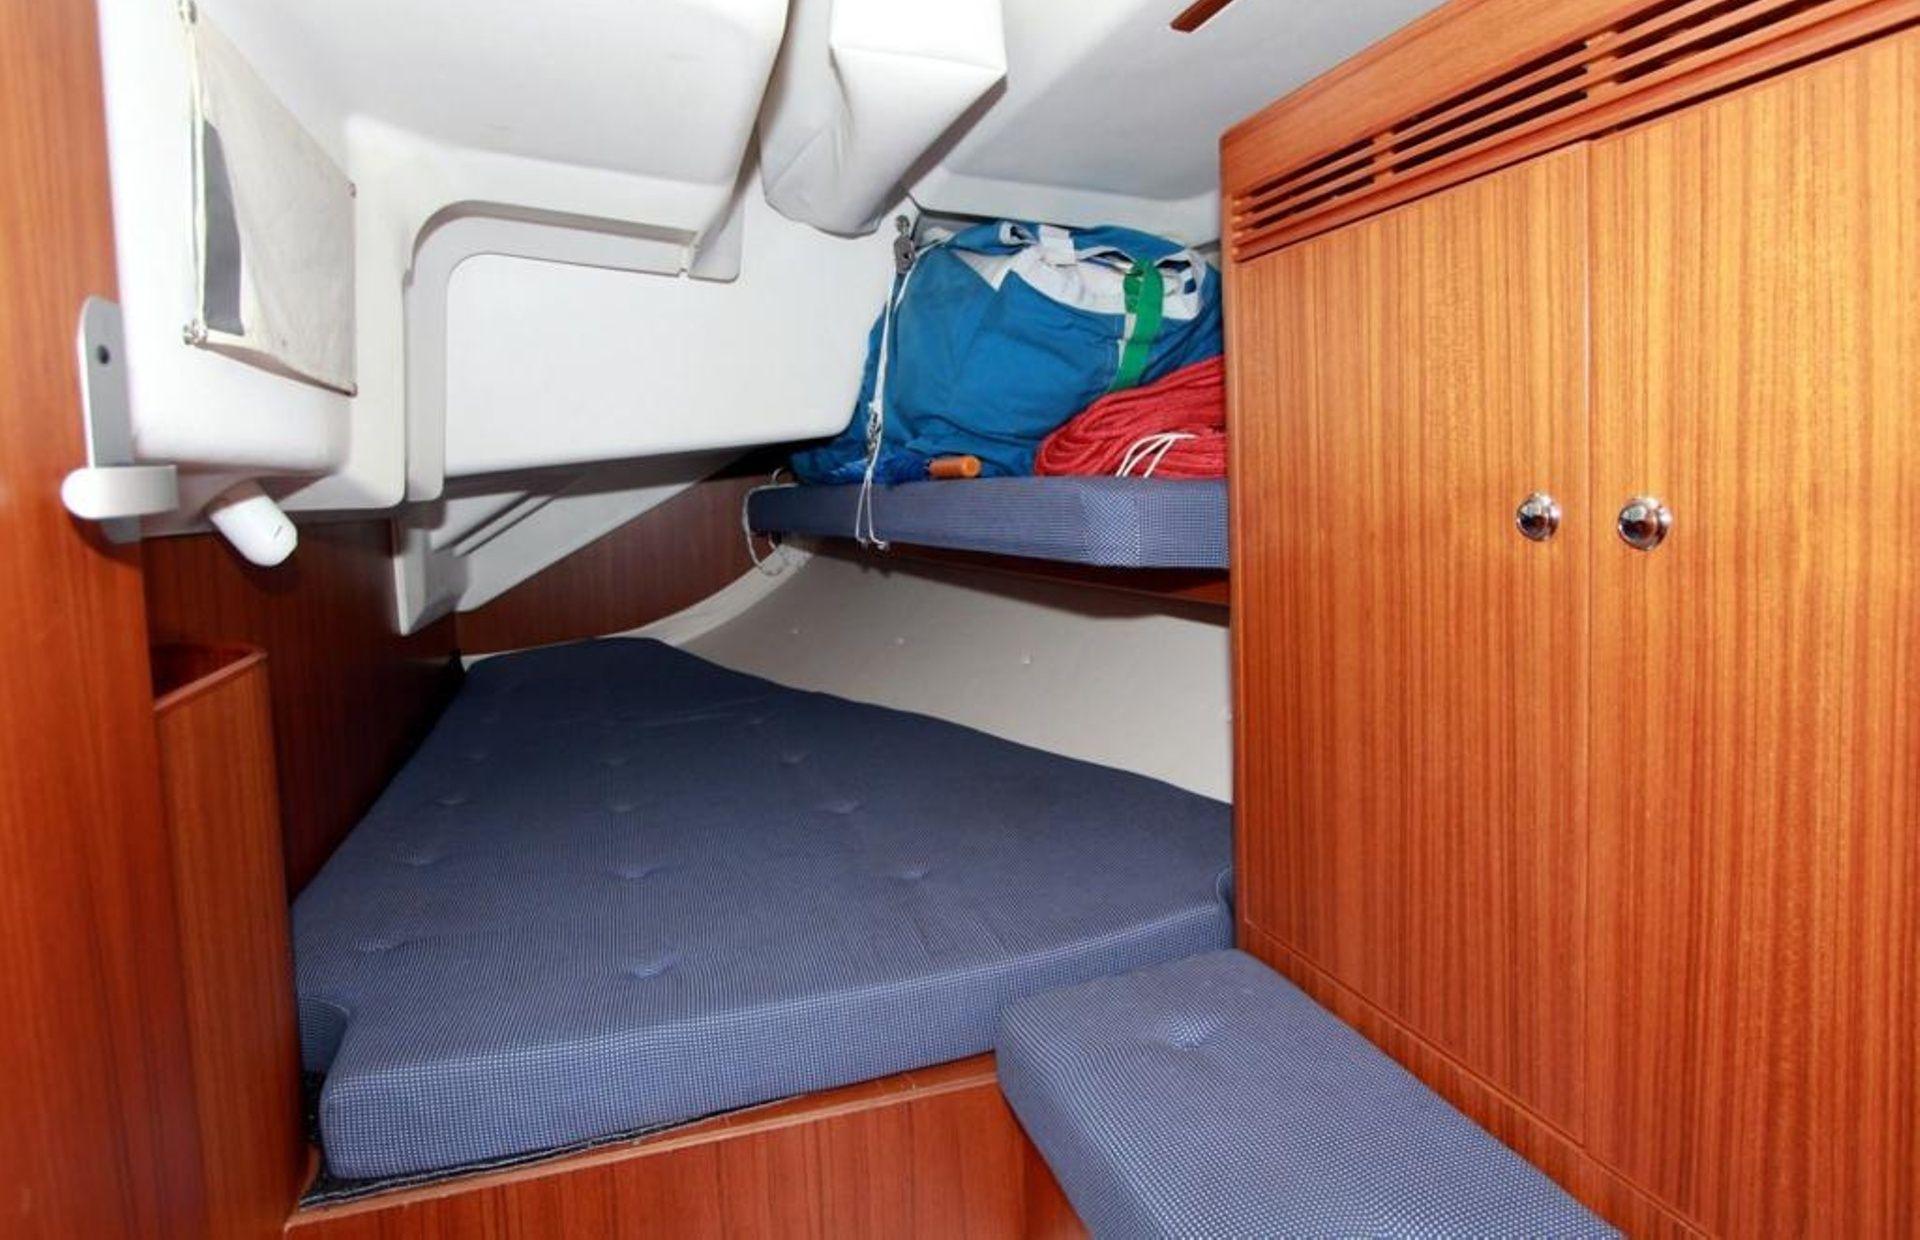 https://media.insailing.com/boat/omani/image_1581533173373.jpg